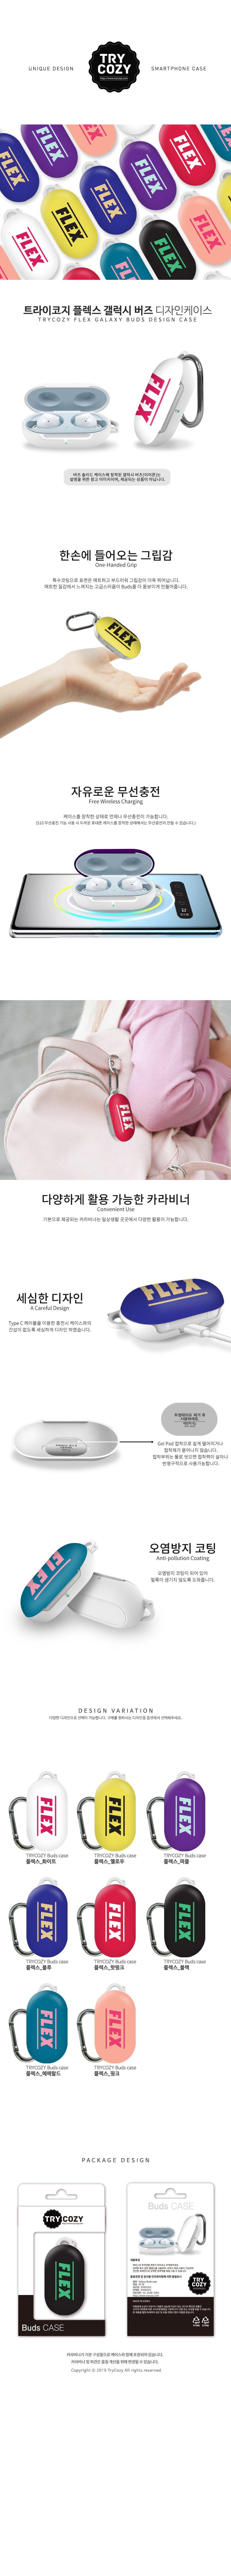 트라이코지 플렉스 삼성 갤럭시 버즈 키링 케이스 - 엑시트나인, 15,000원, 이어폰, 블루투스 이어폰